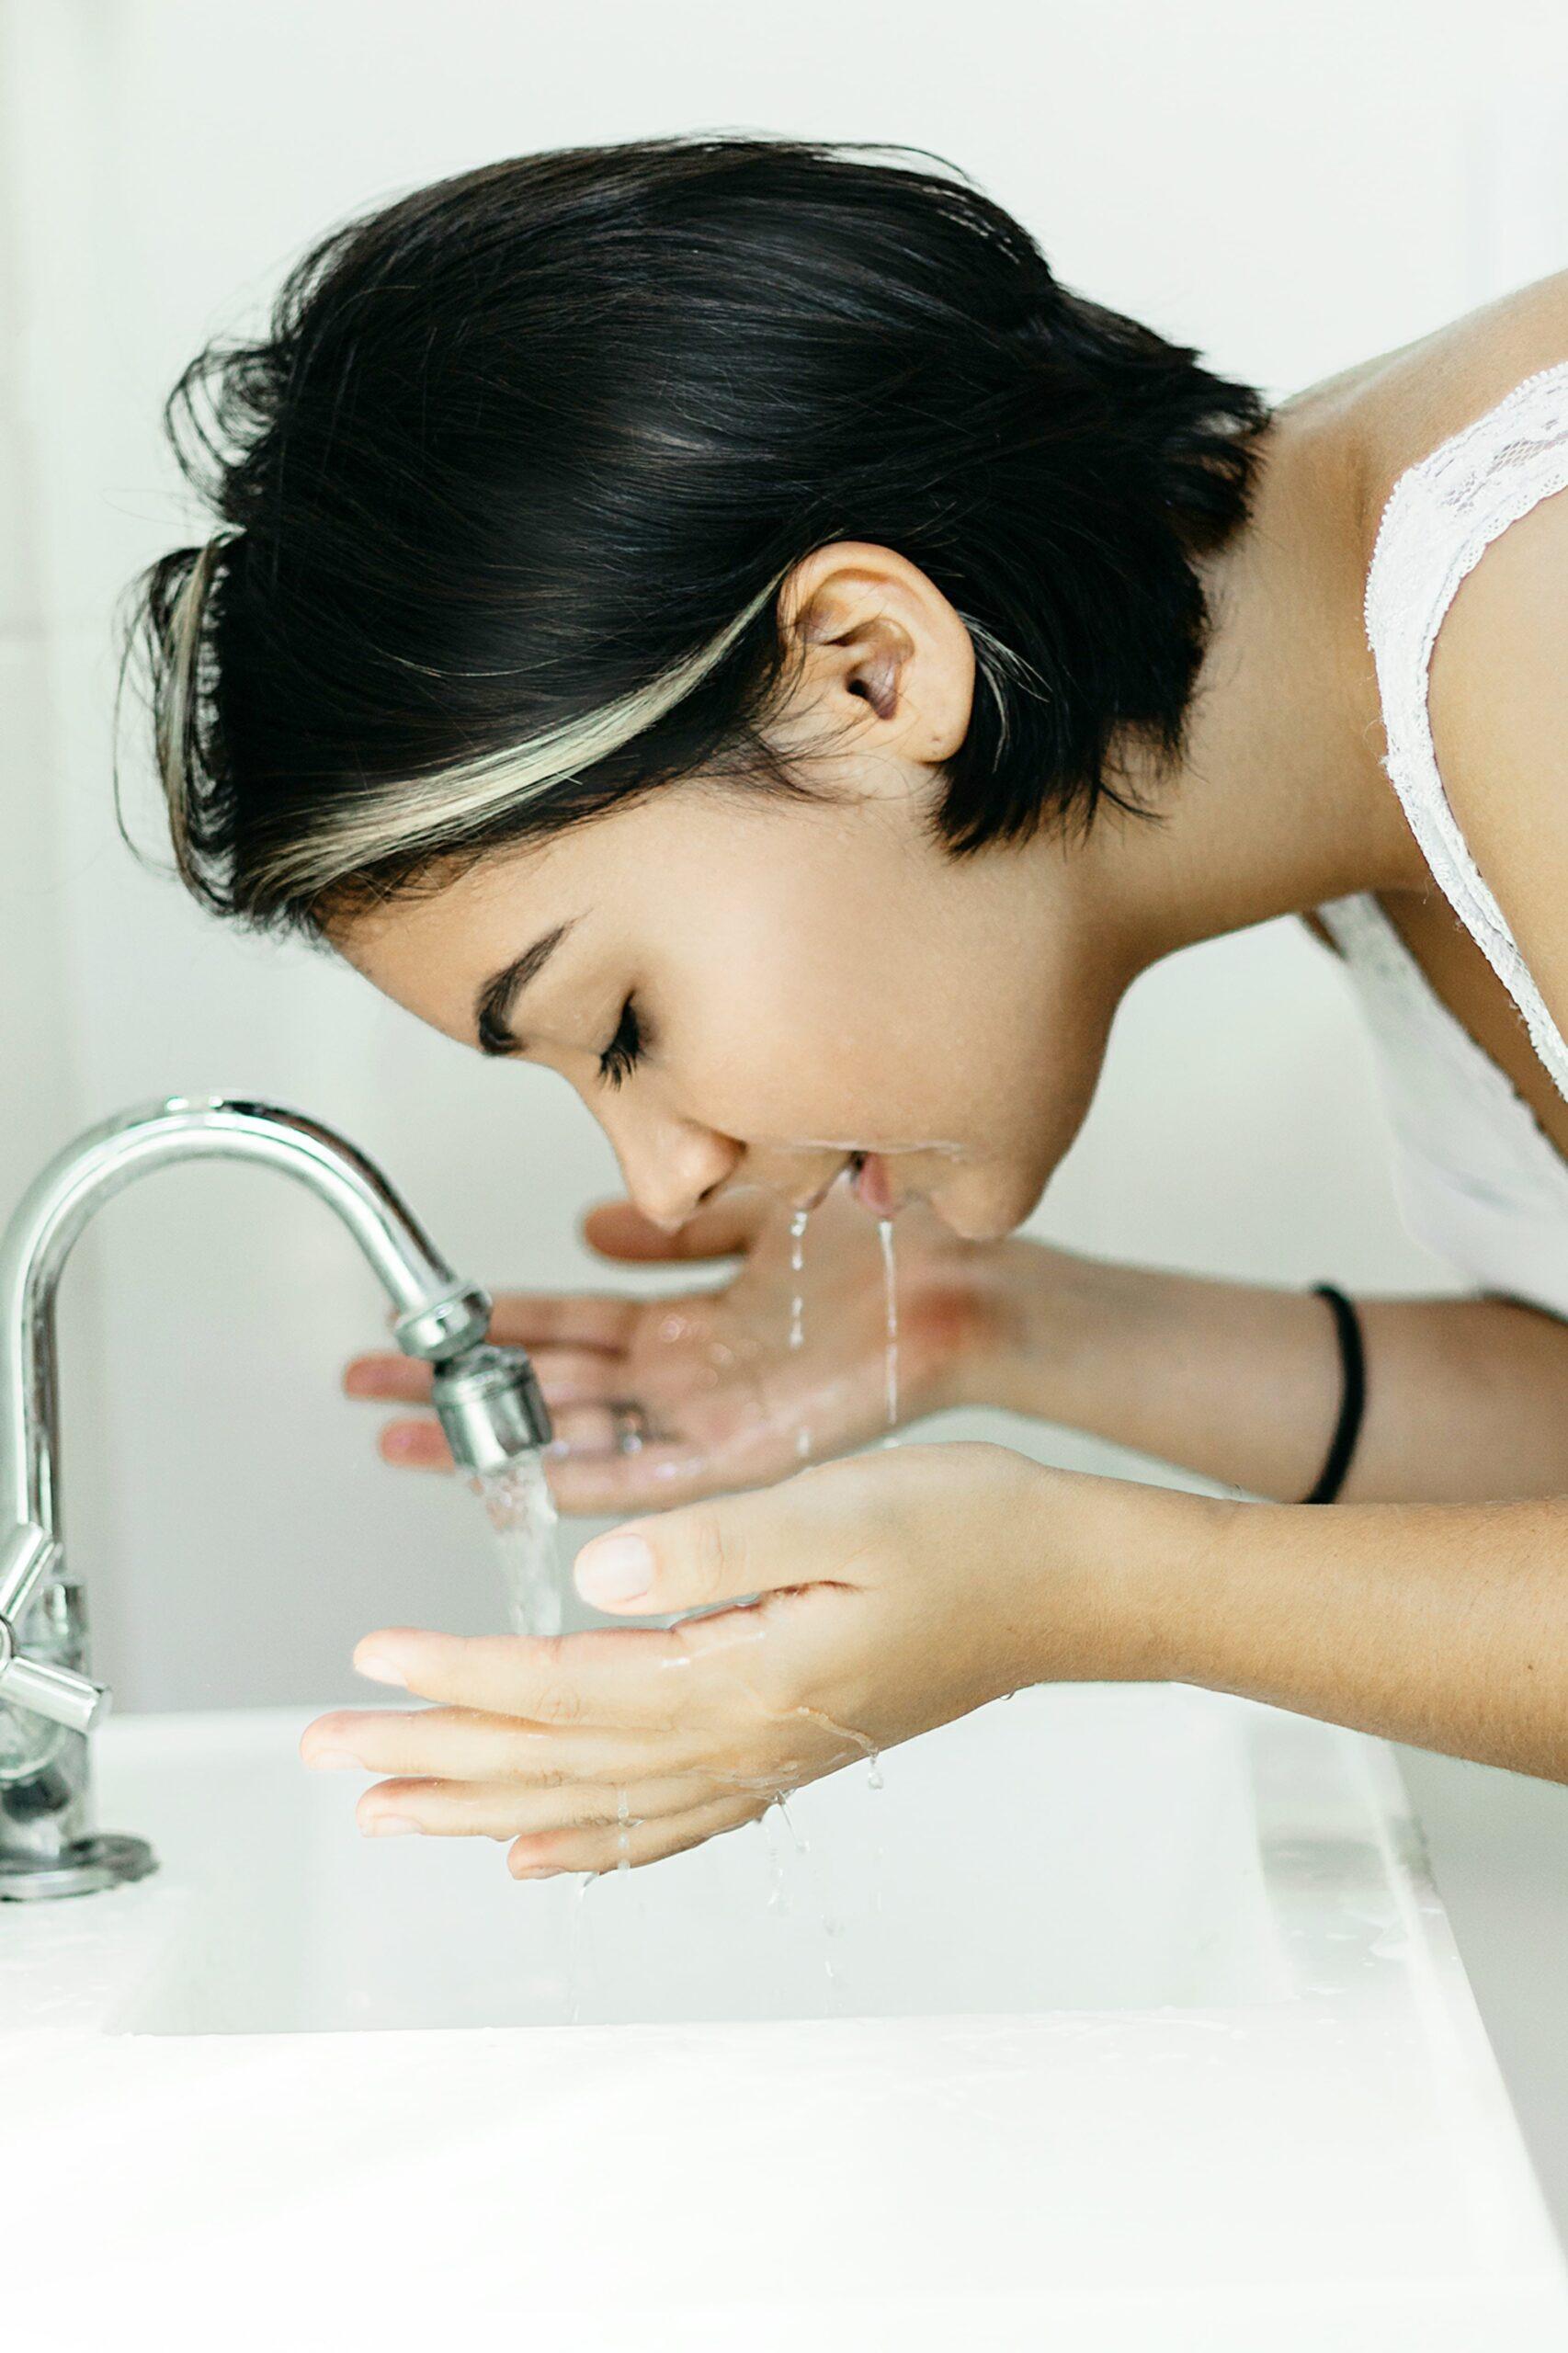 Πλένεις σωστά το πρόσωπό σου;